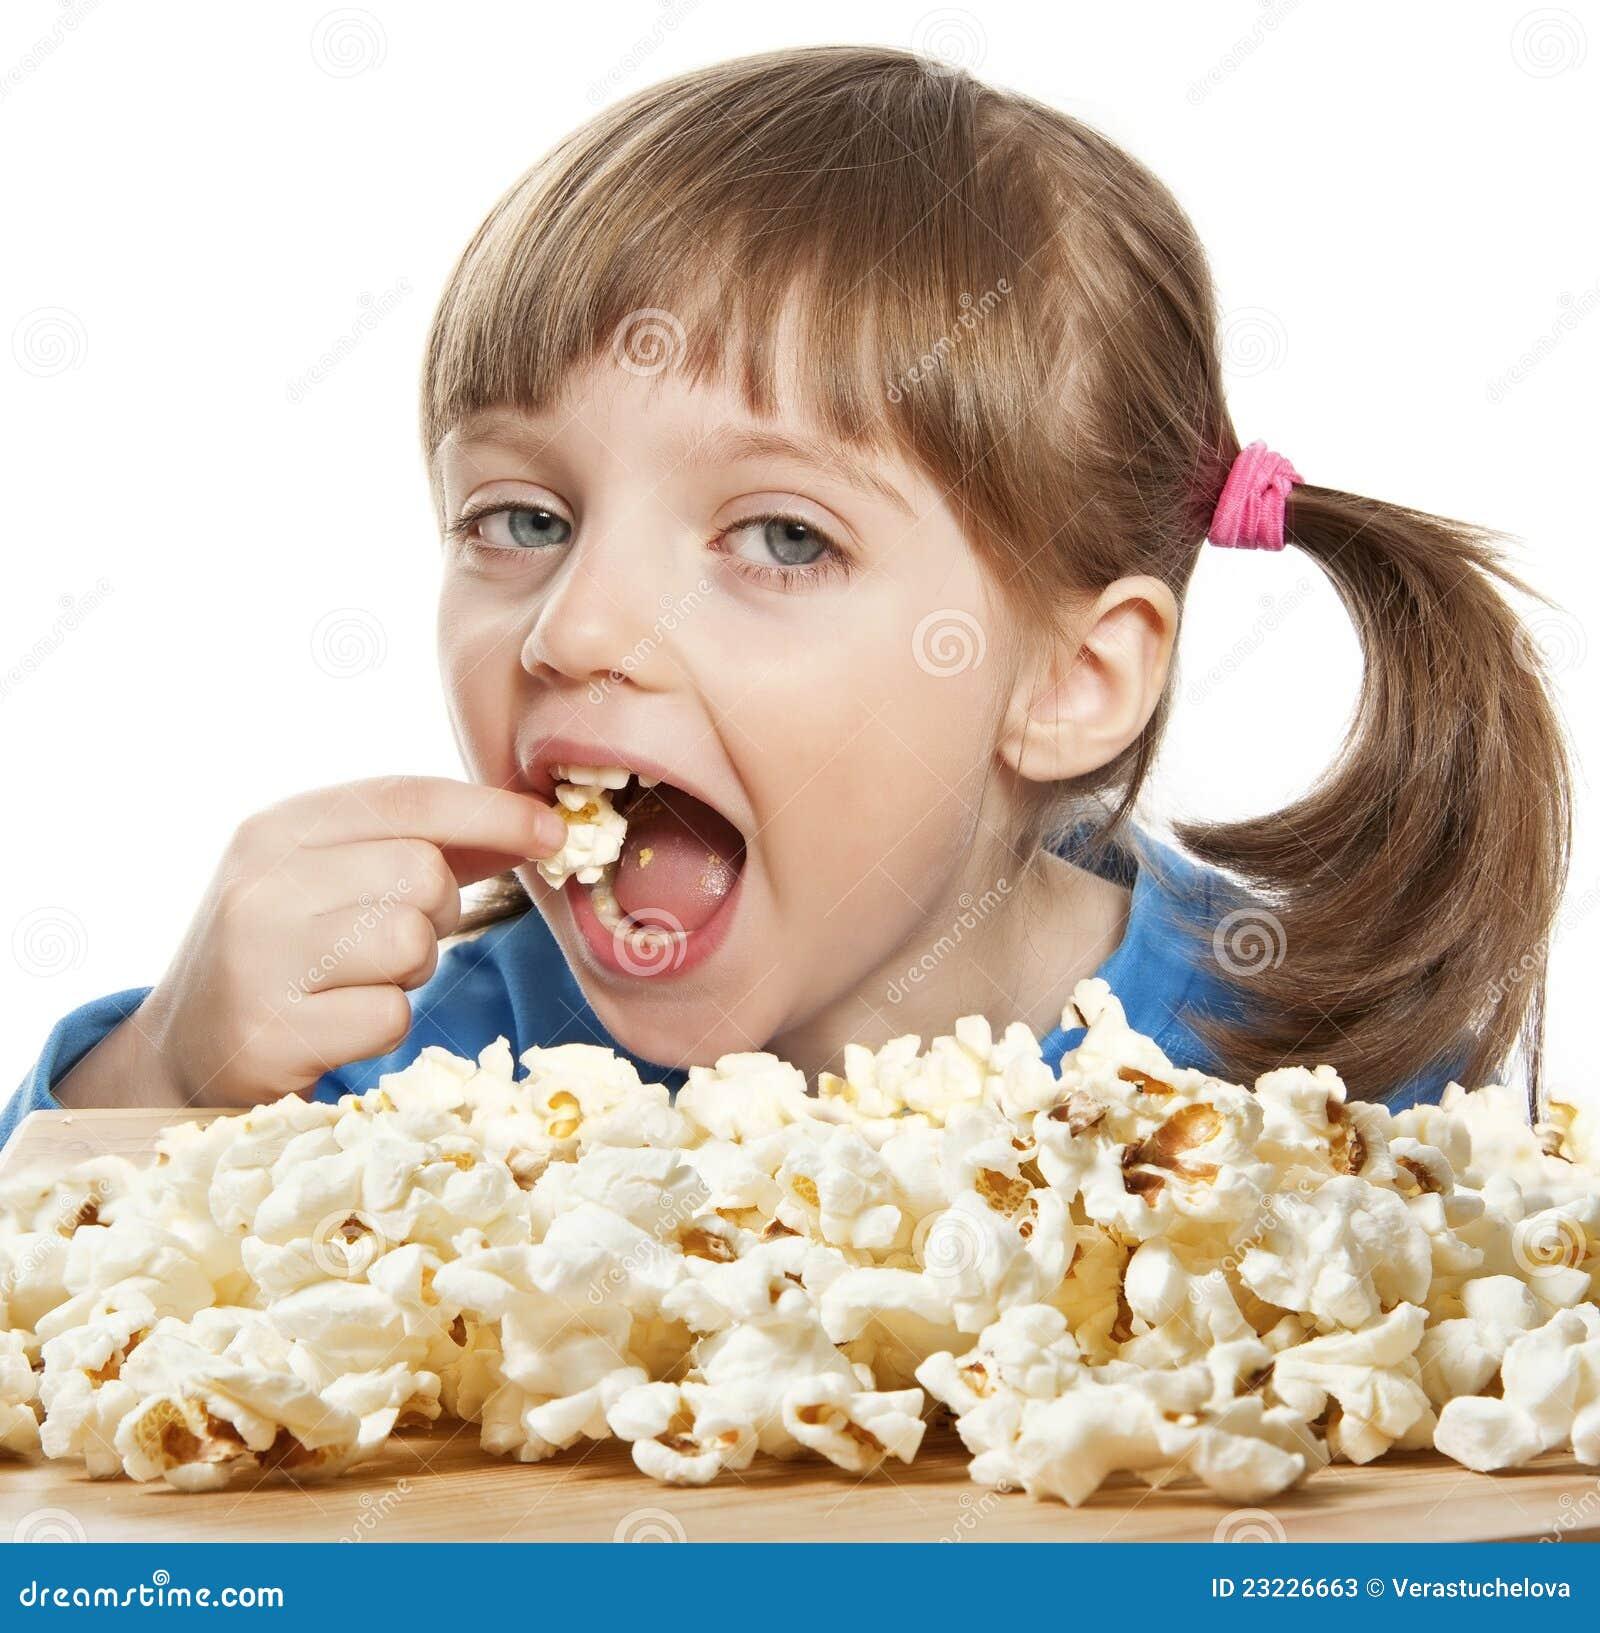 little-girl-eating-popcorn-23226663.jpg